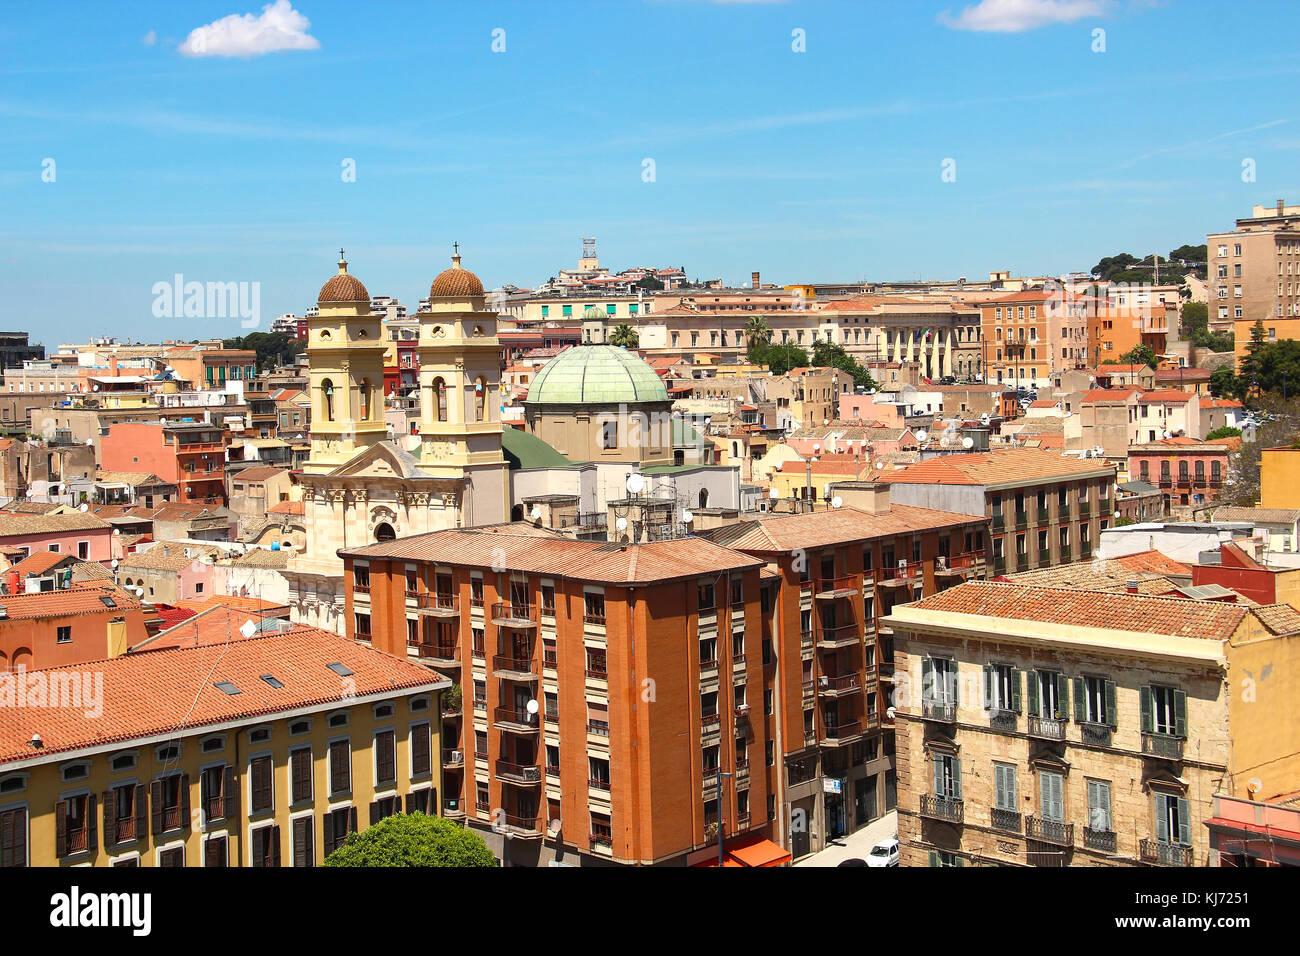 La ville de Cagliari, Sardaigne, Italie Photo Stock